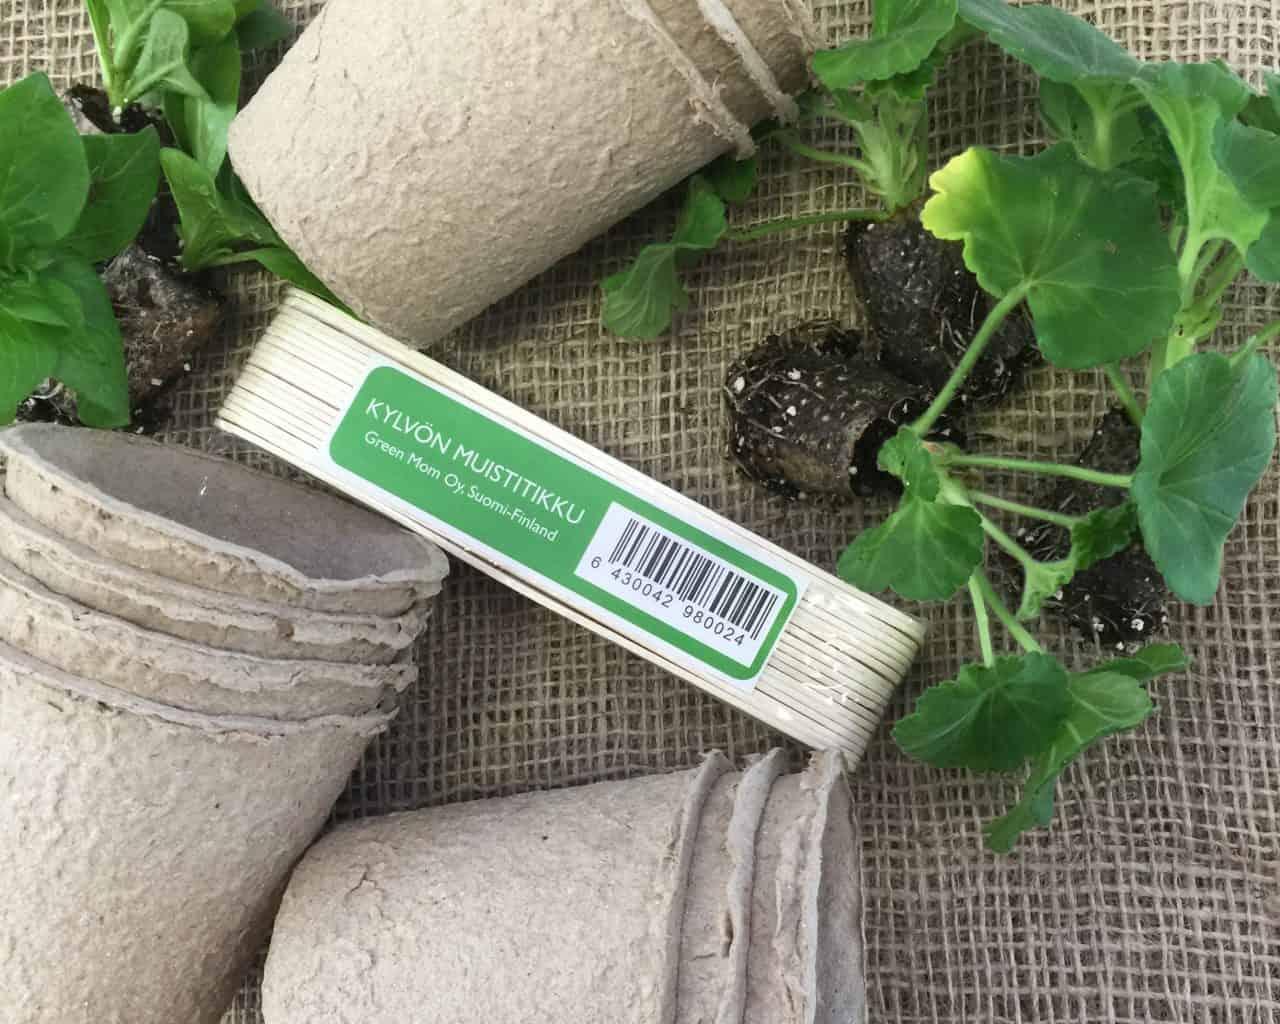 Kesäkukkien pistokkaista kasvatat itse edullisesti